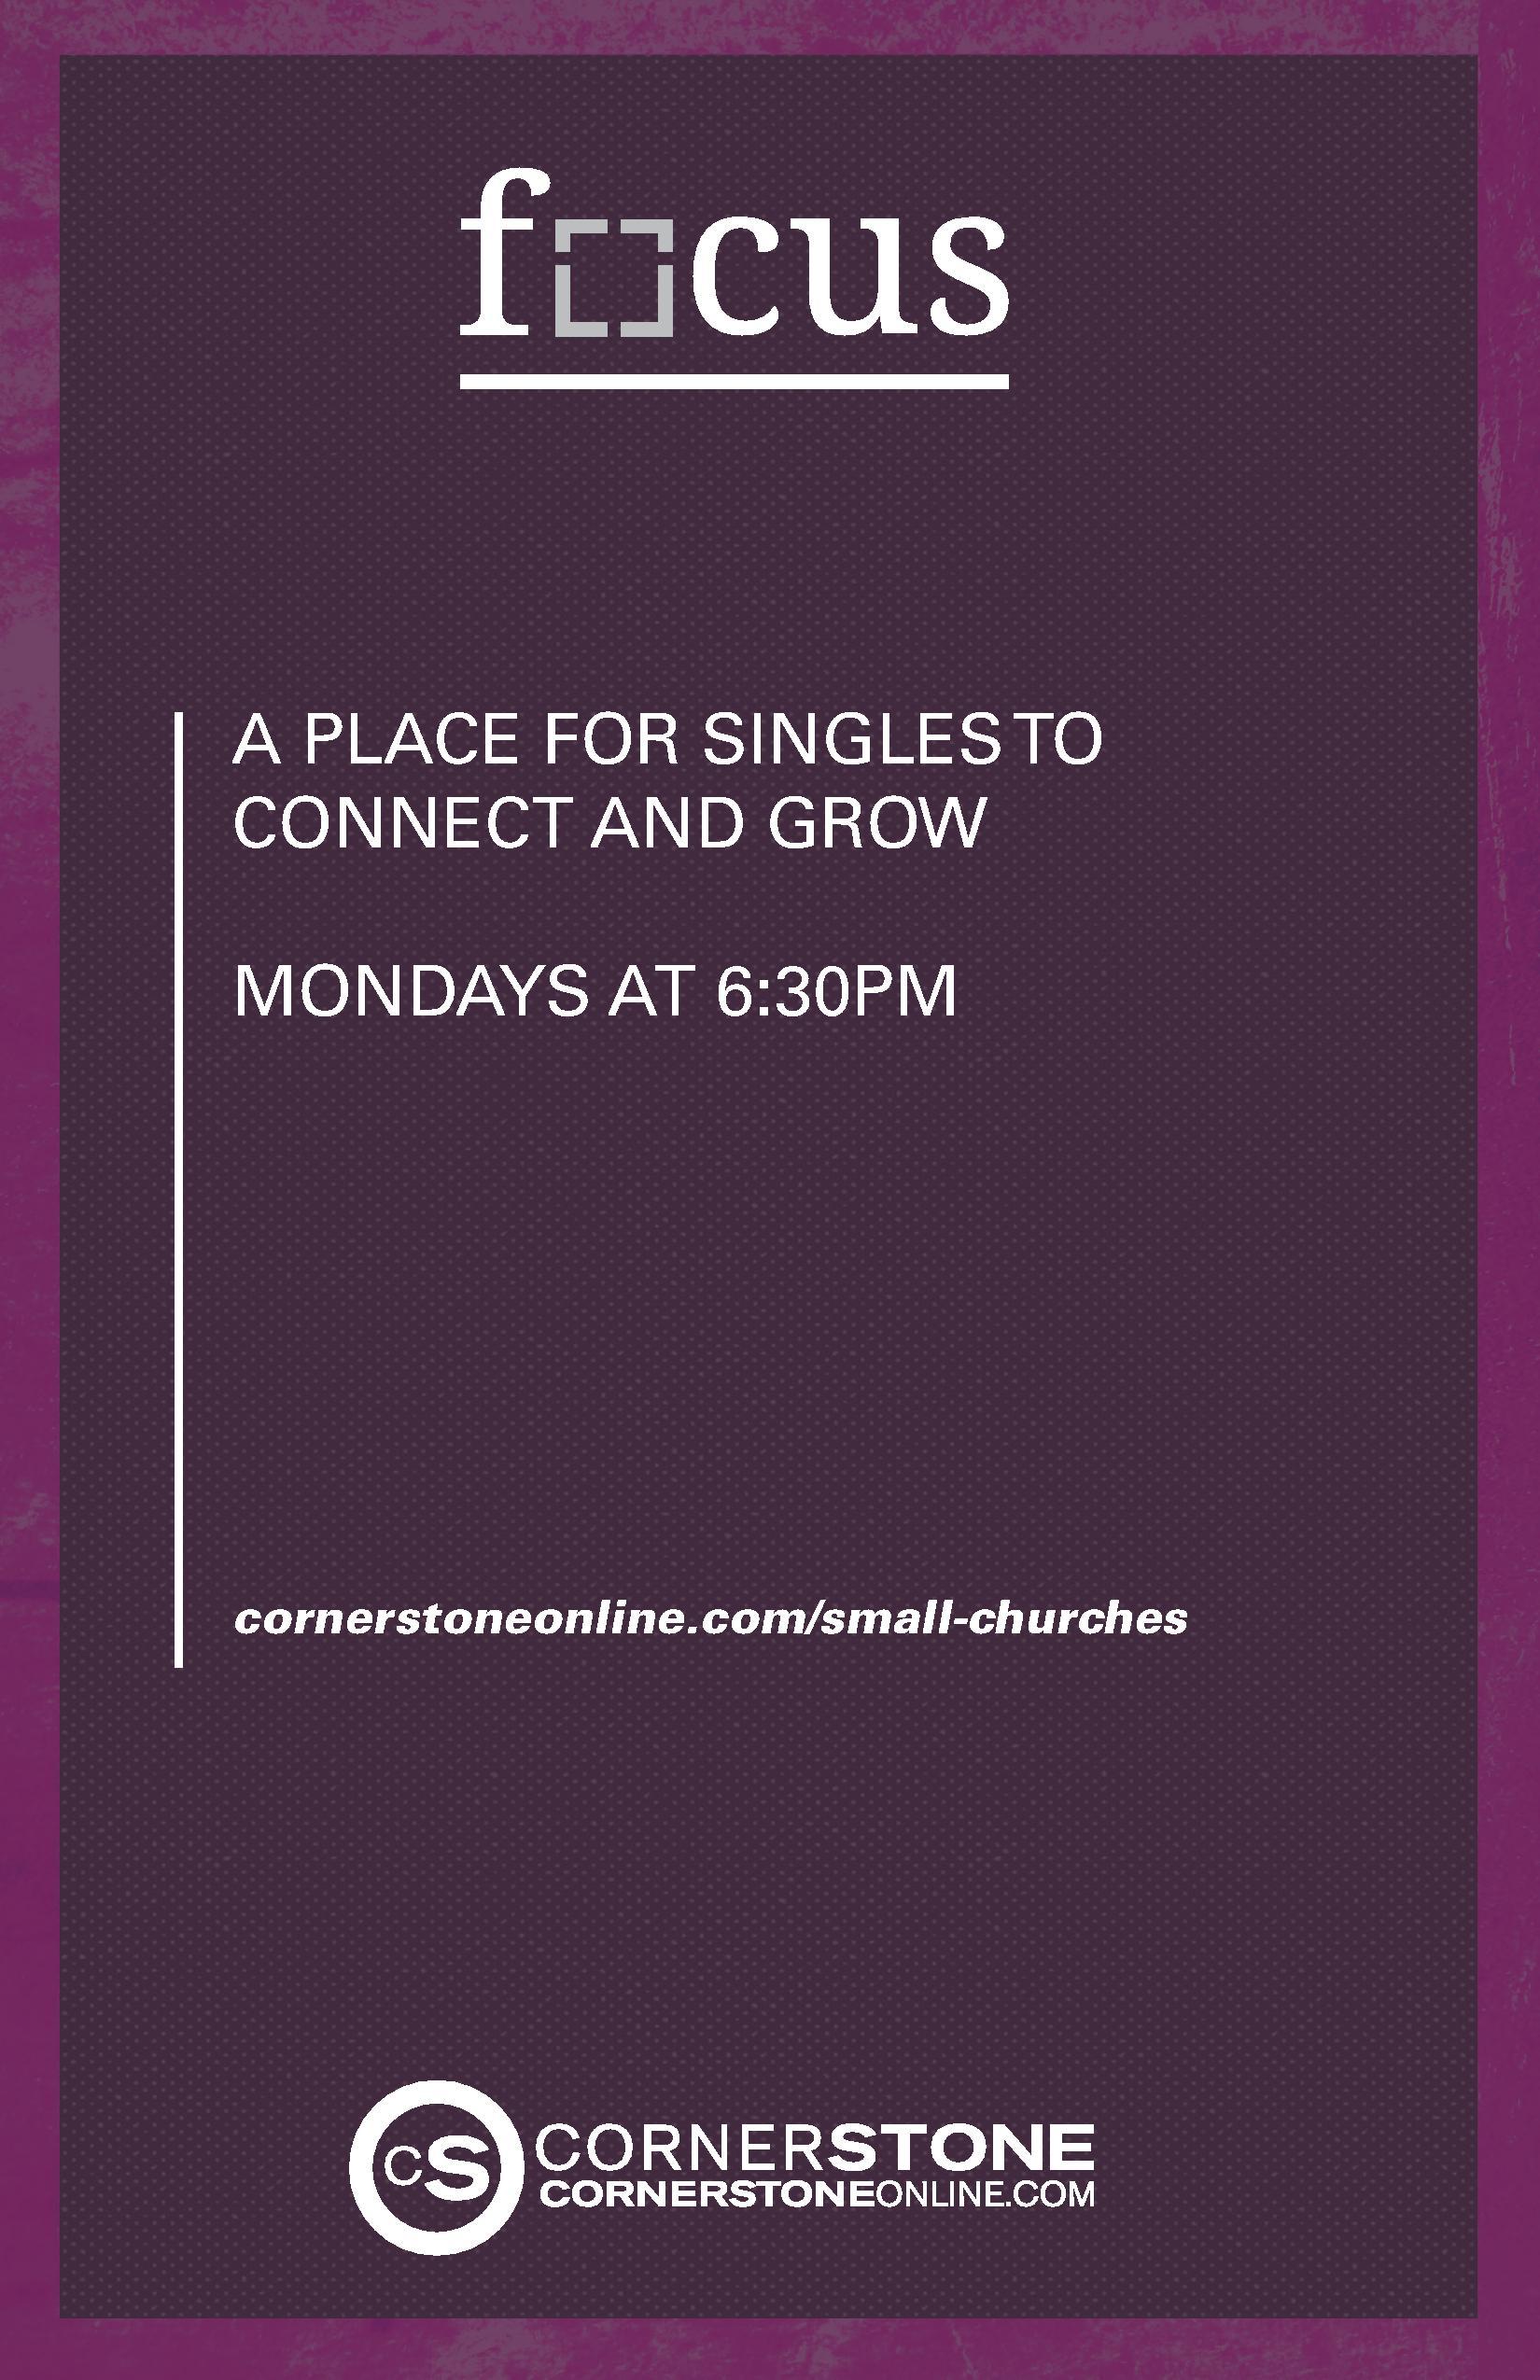 Focus Singles